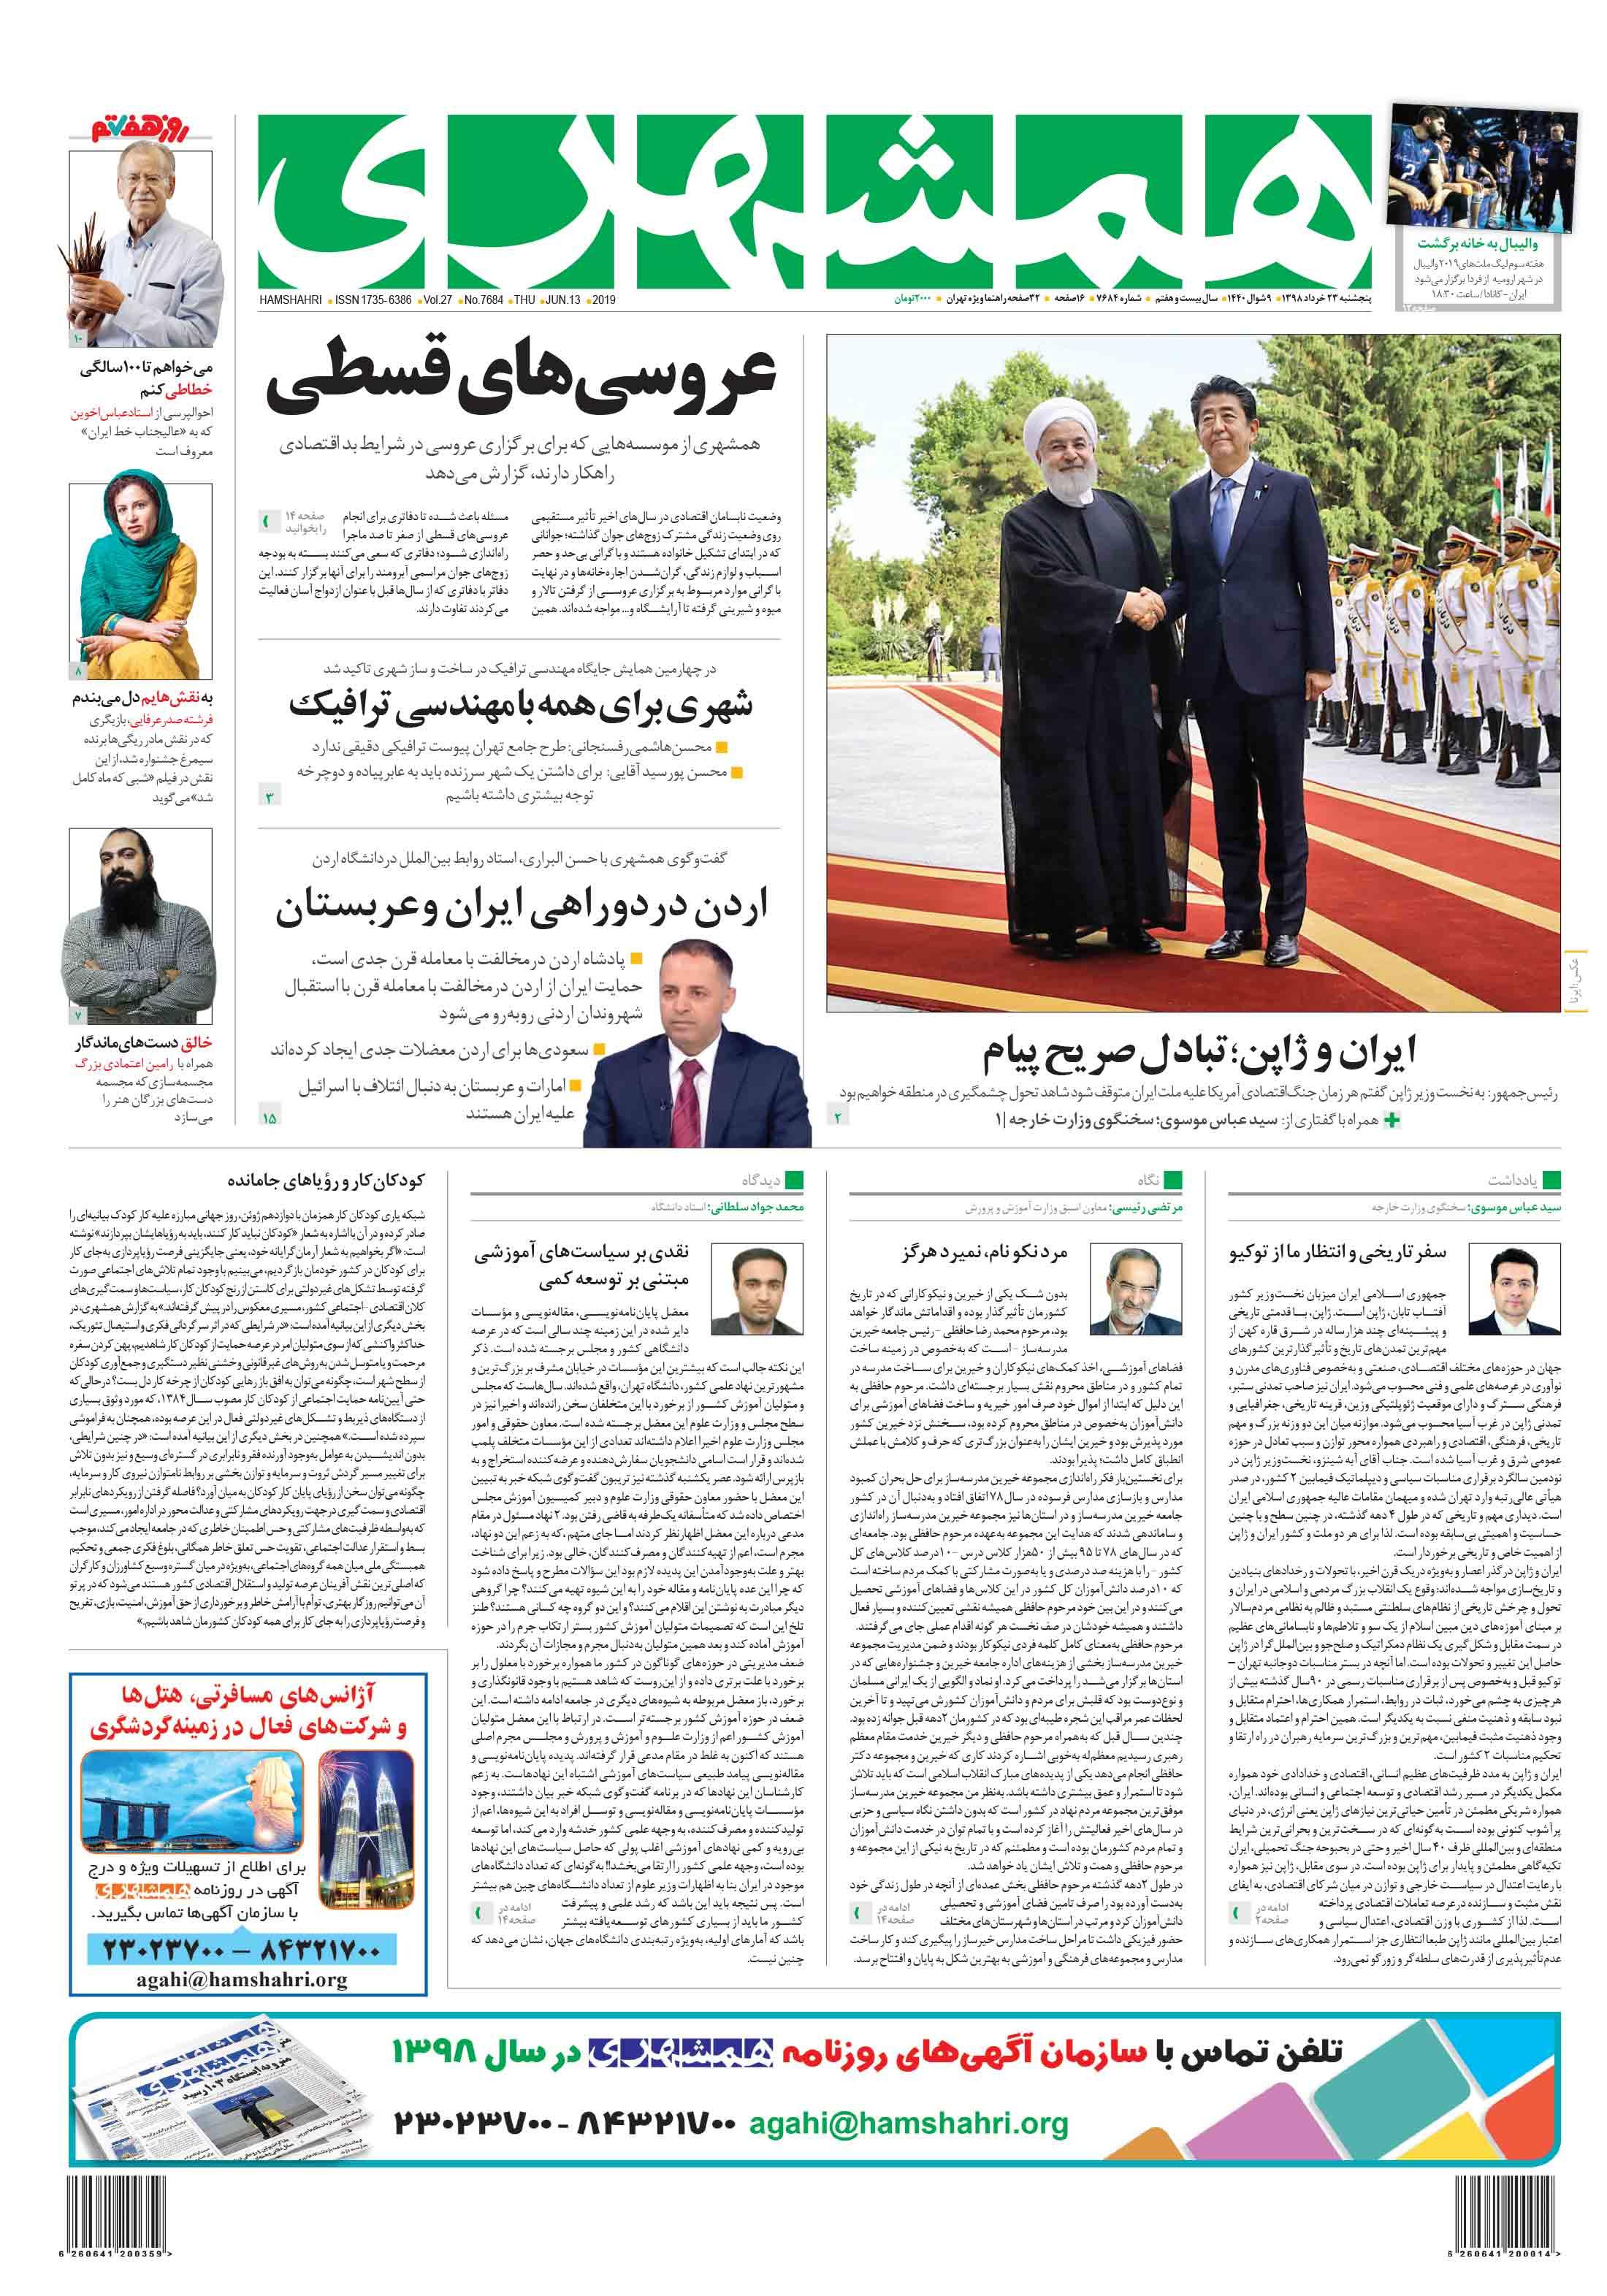 صفحه اول پنجشنبه 23 خرداد 1398